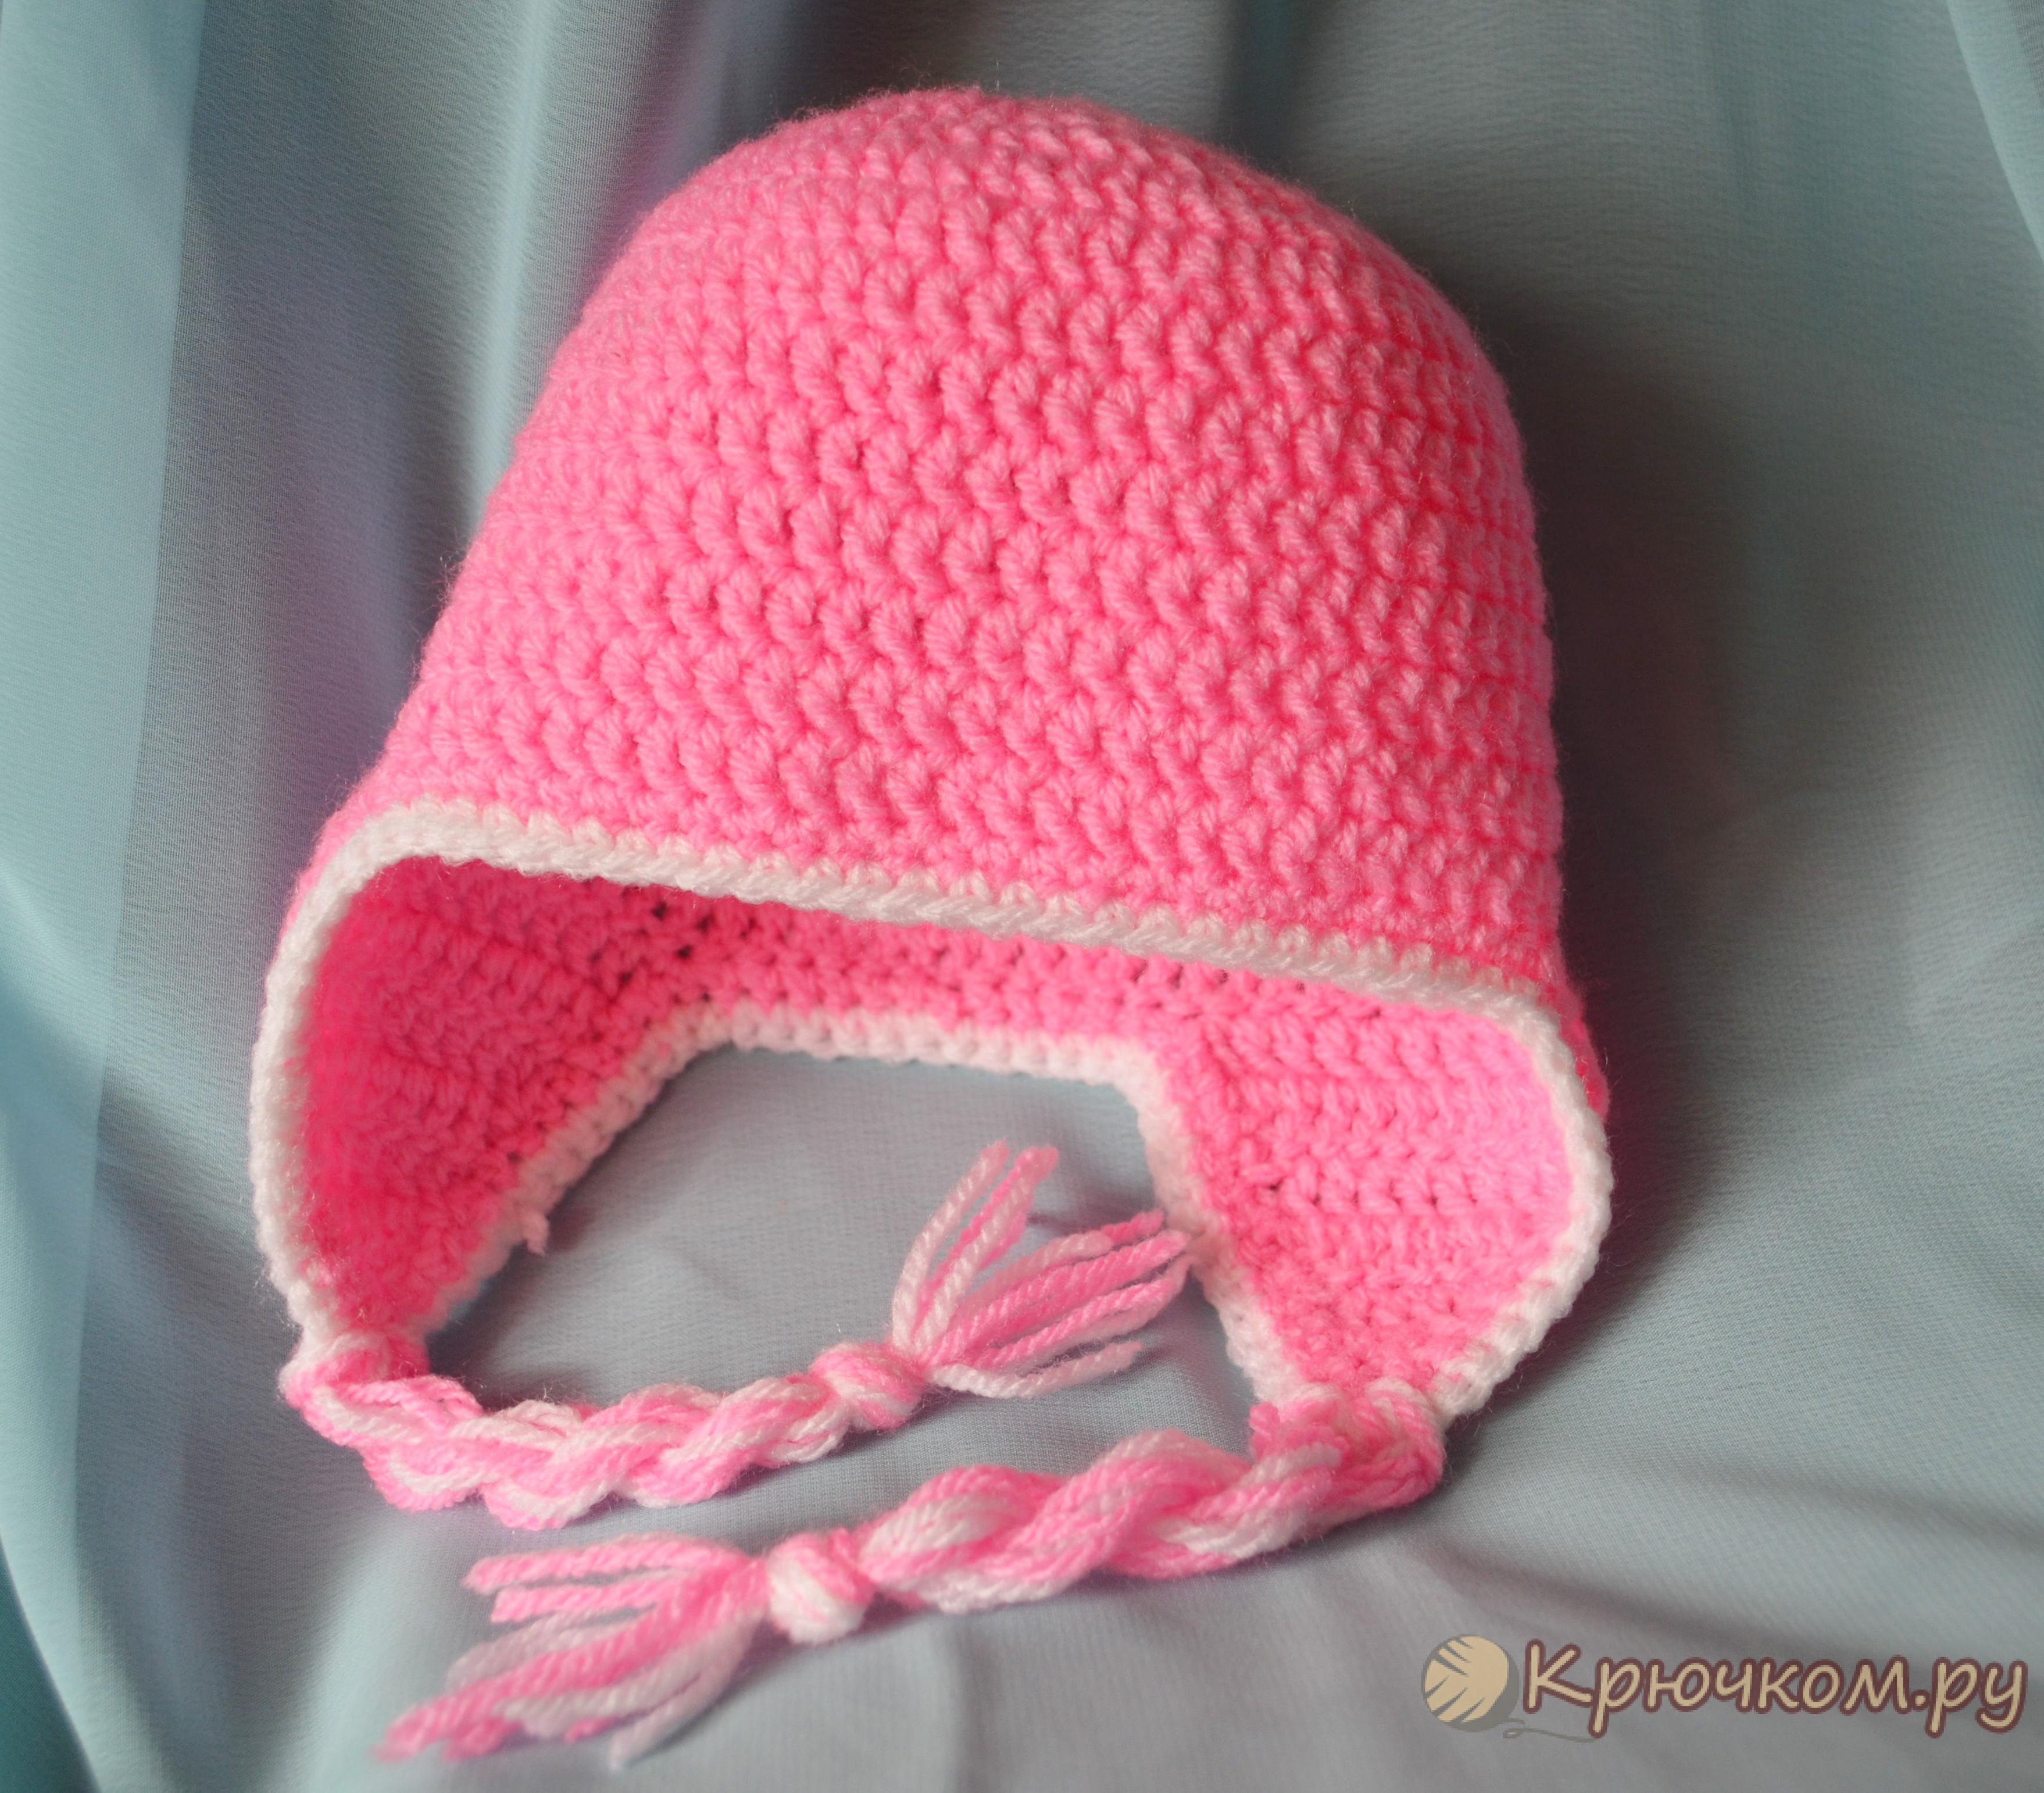 шапочка для новорожденного крючком фото мастер класс